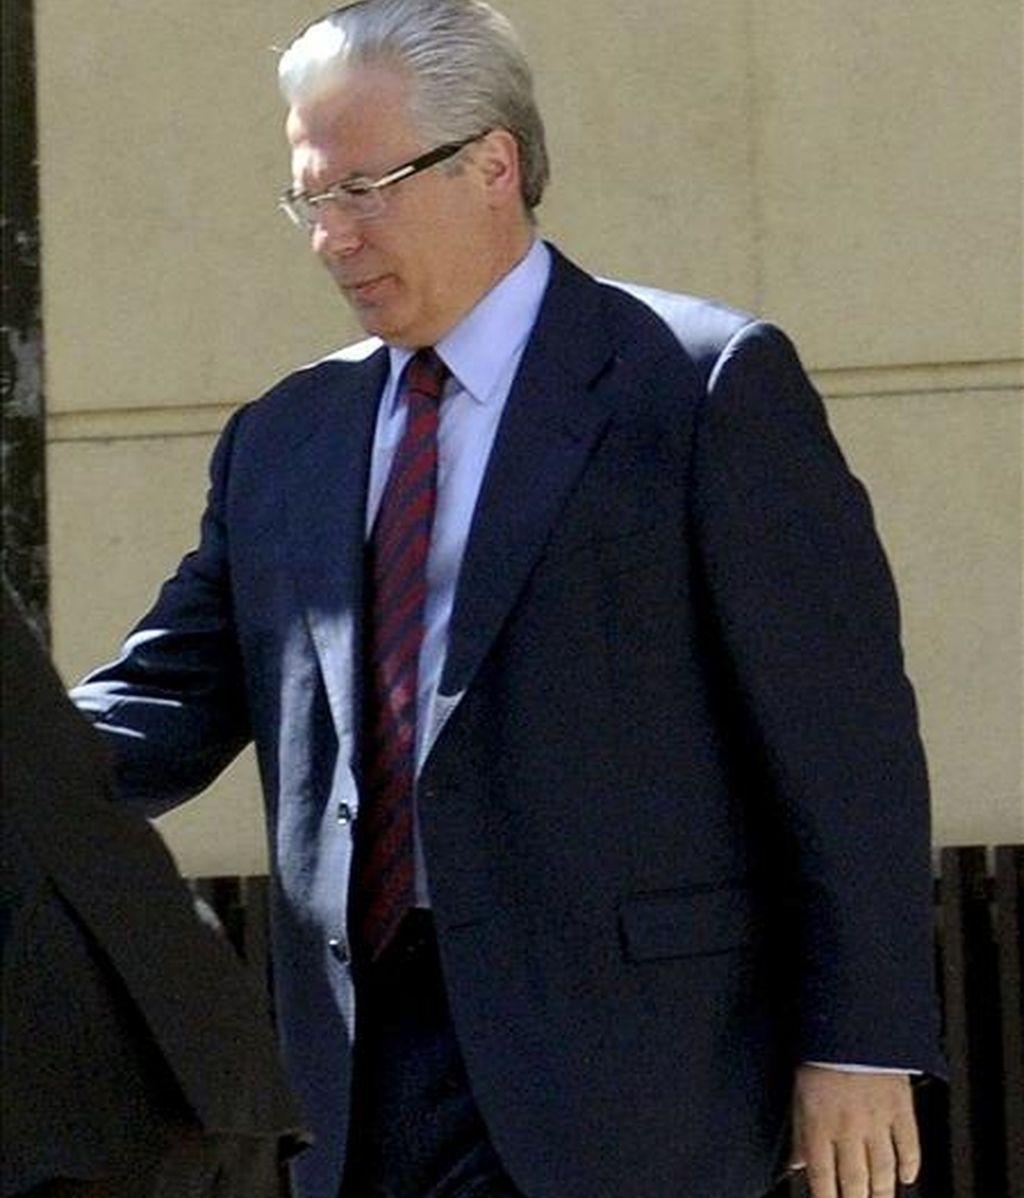 El juez Baltasar Garzón a su salida hoy de la Audiencia Nacional, en Madrid. EFE